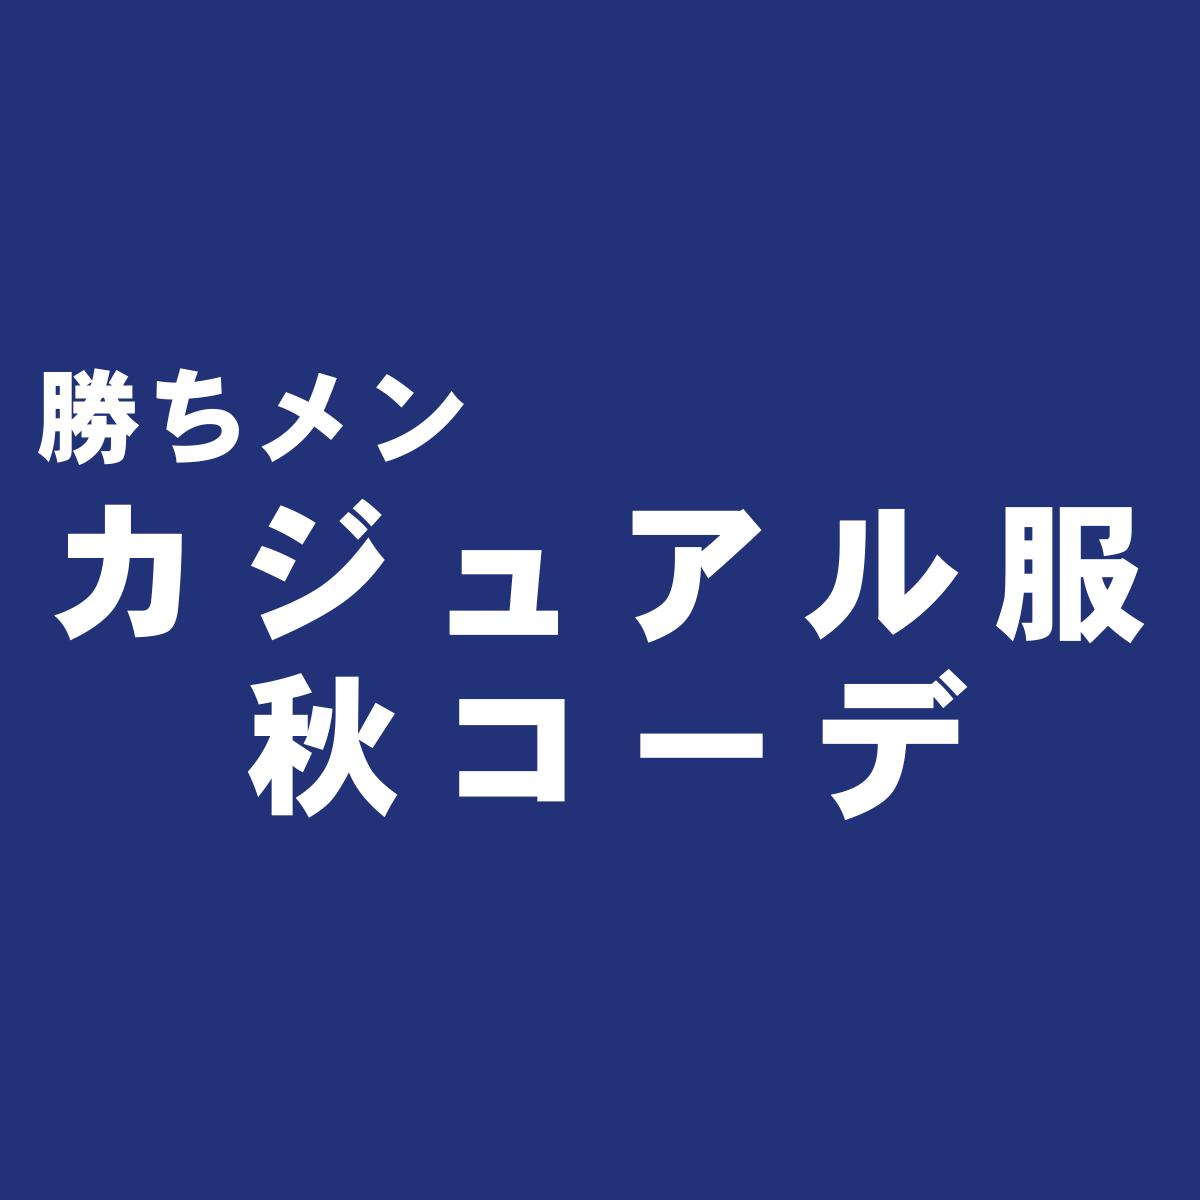 カジュアル服秋コーデ